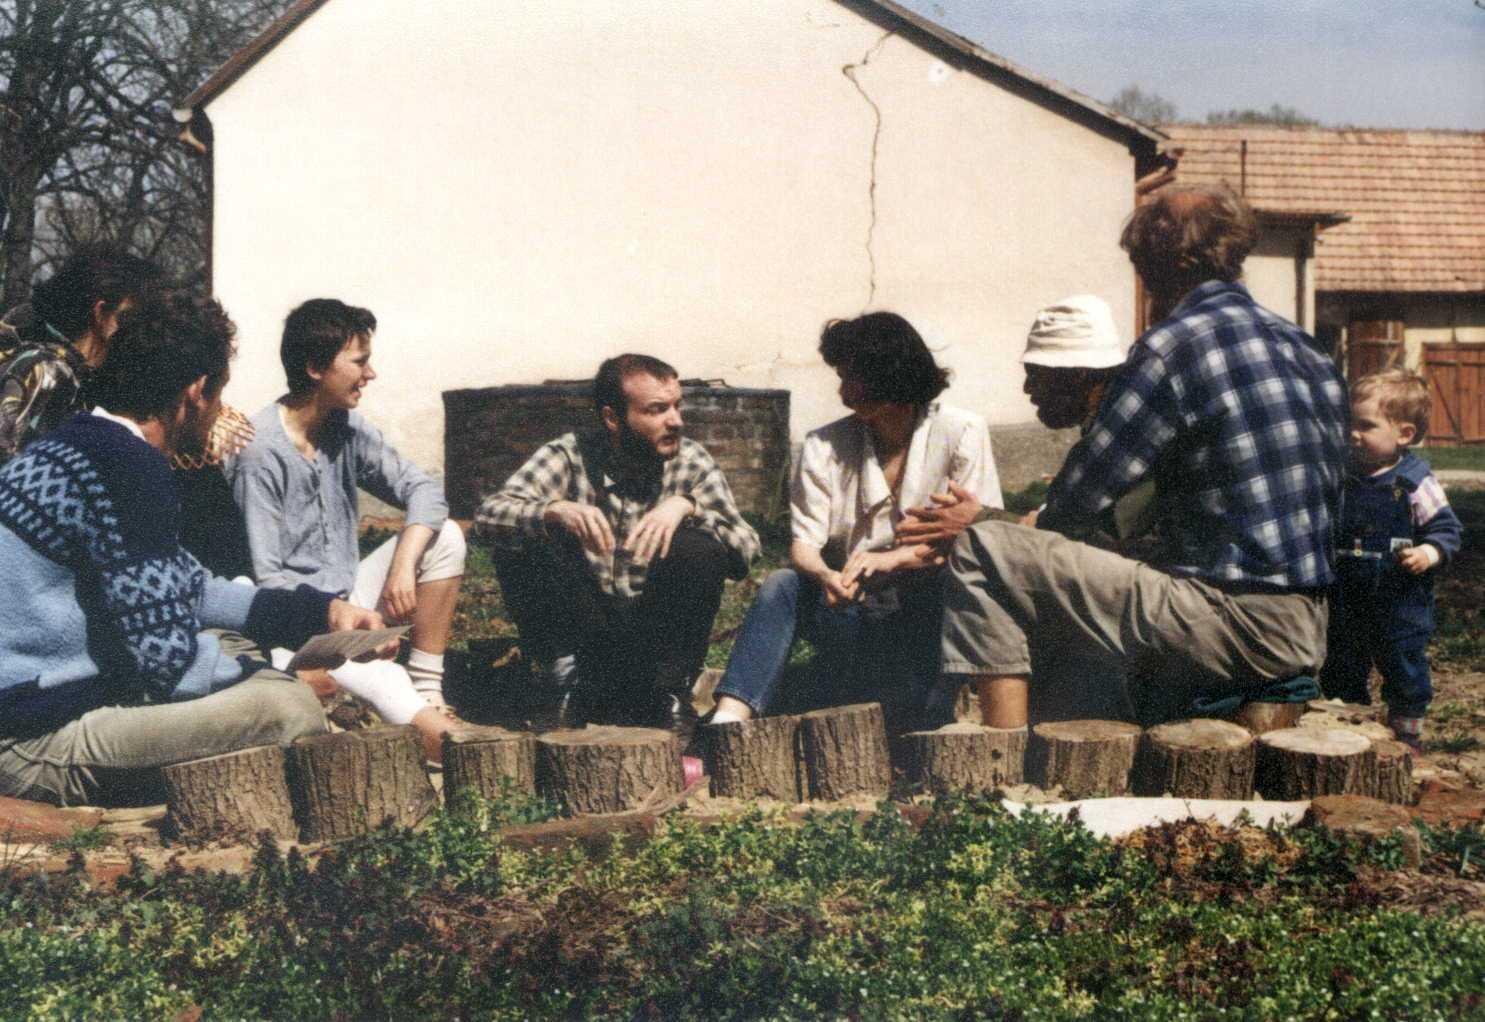 GyűrűgyűlésIbafán1994